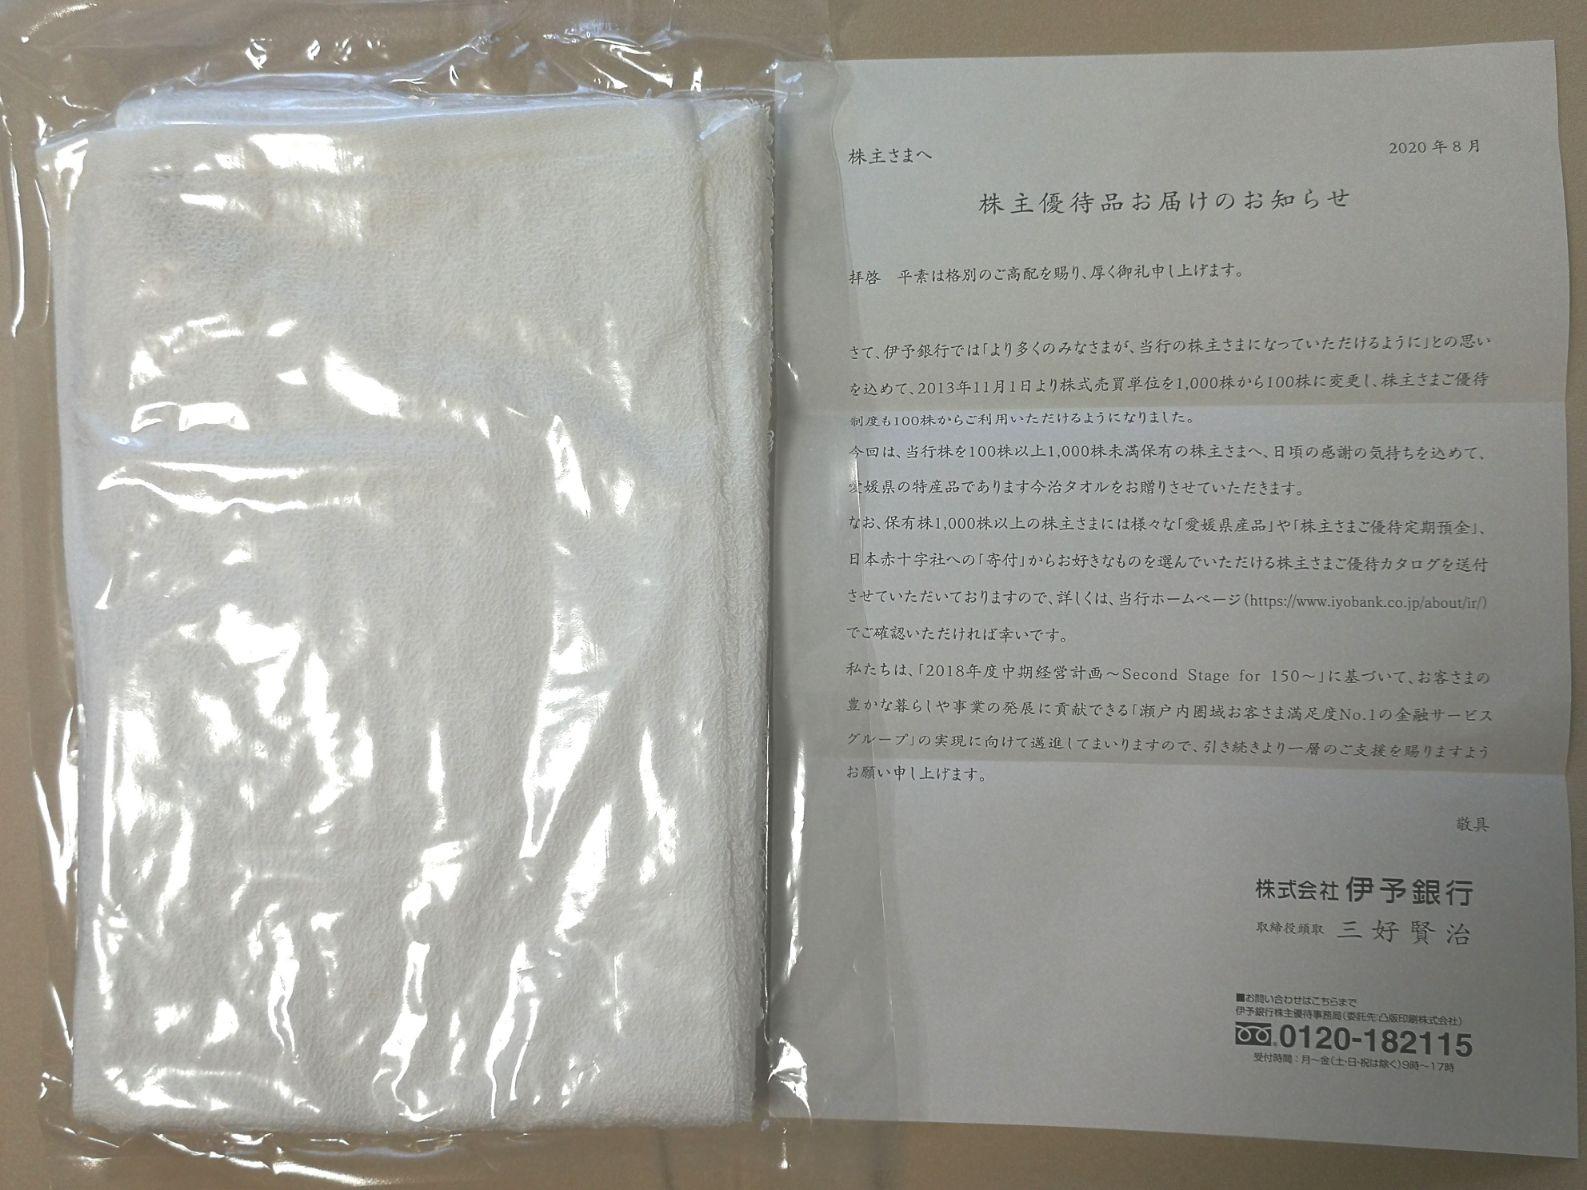 20200812_伊予銀行優待